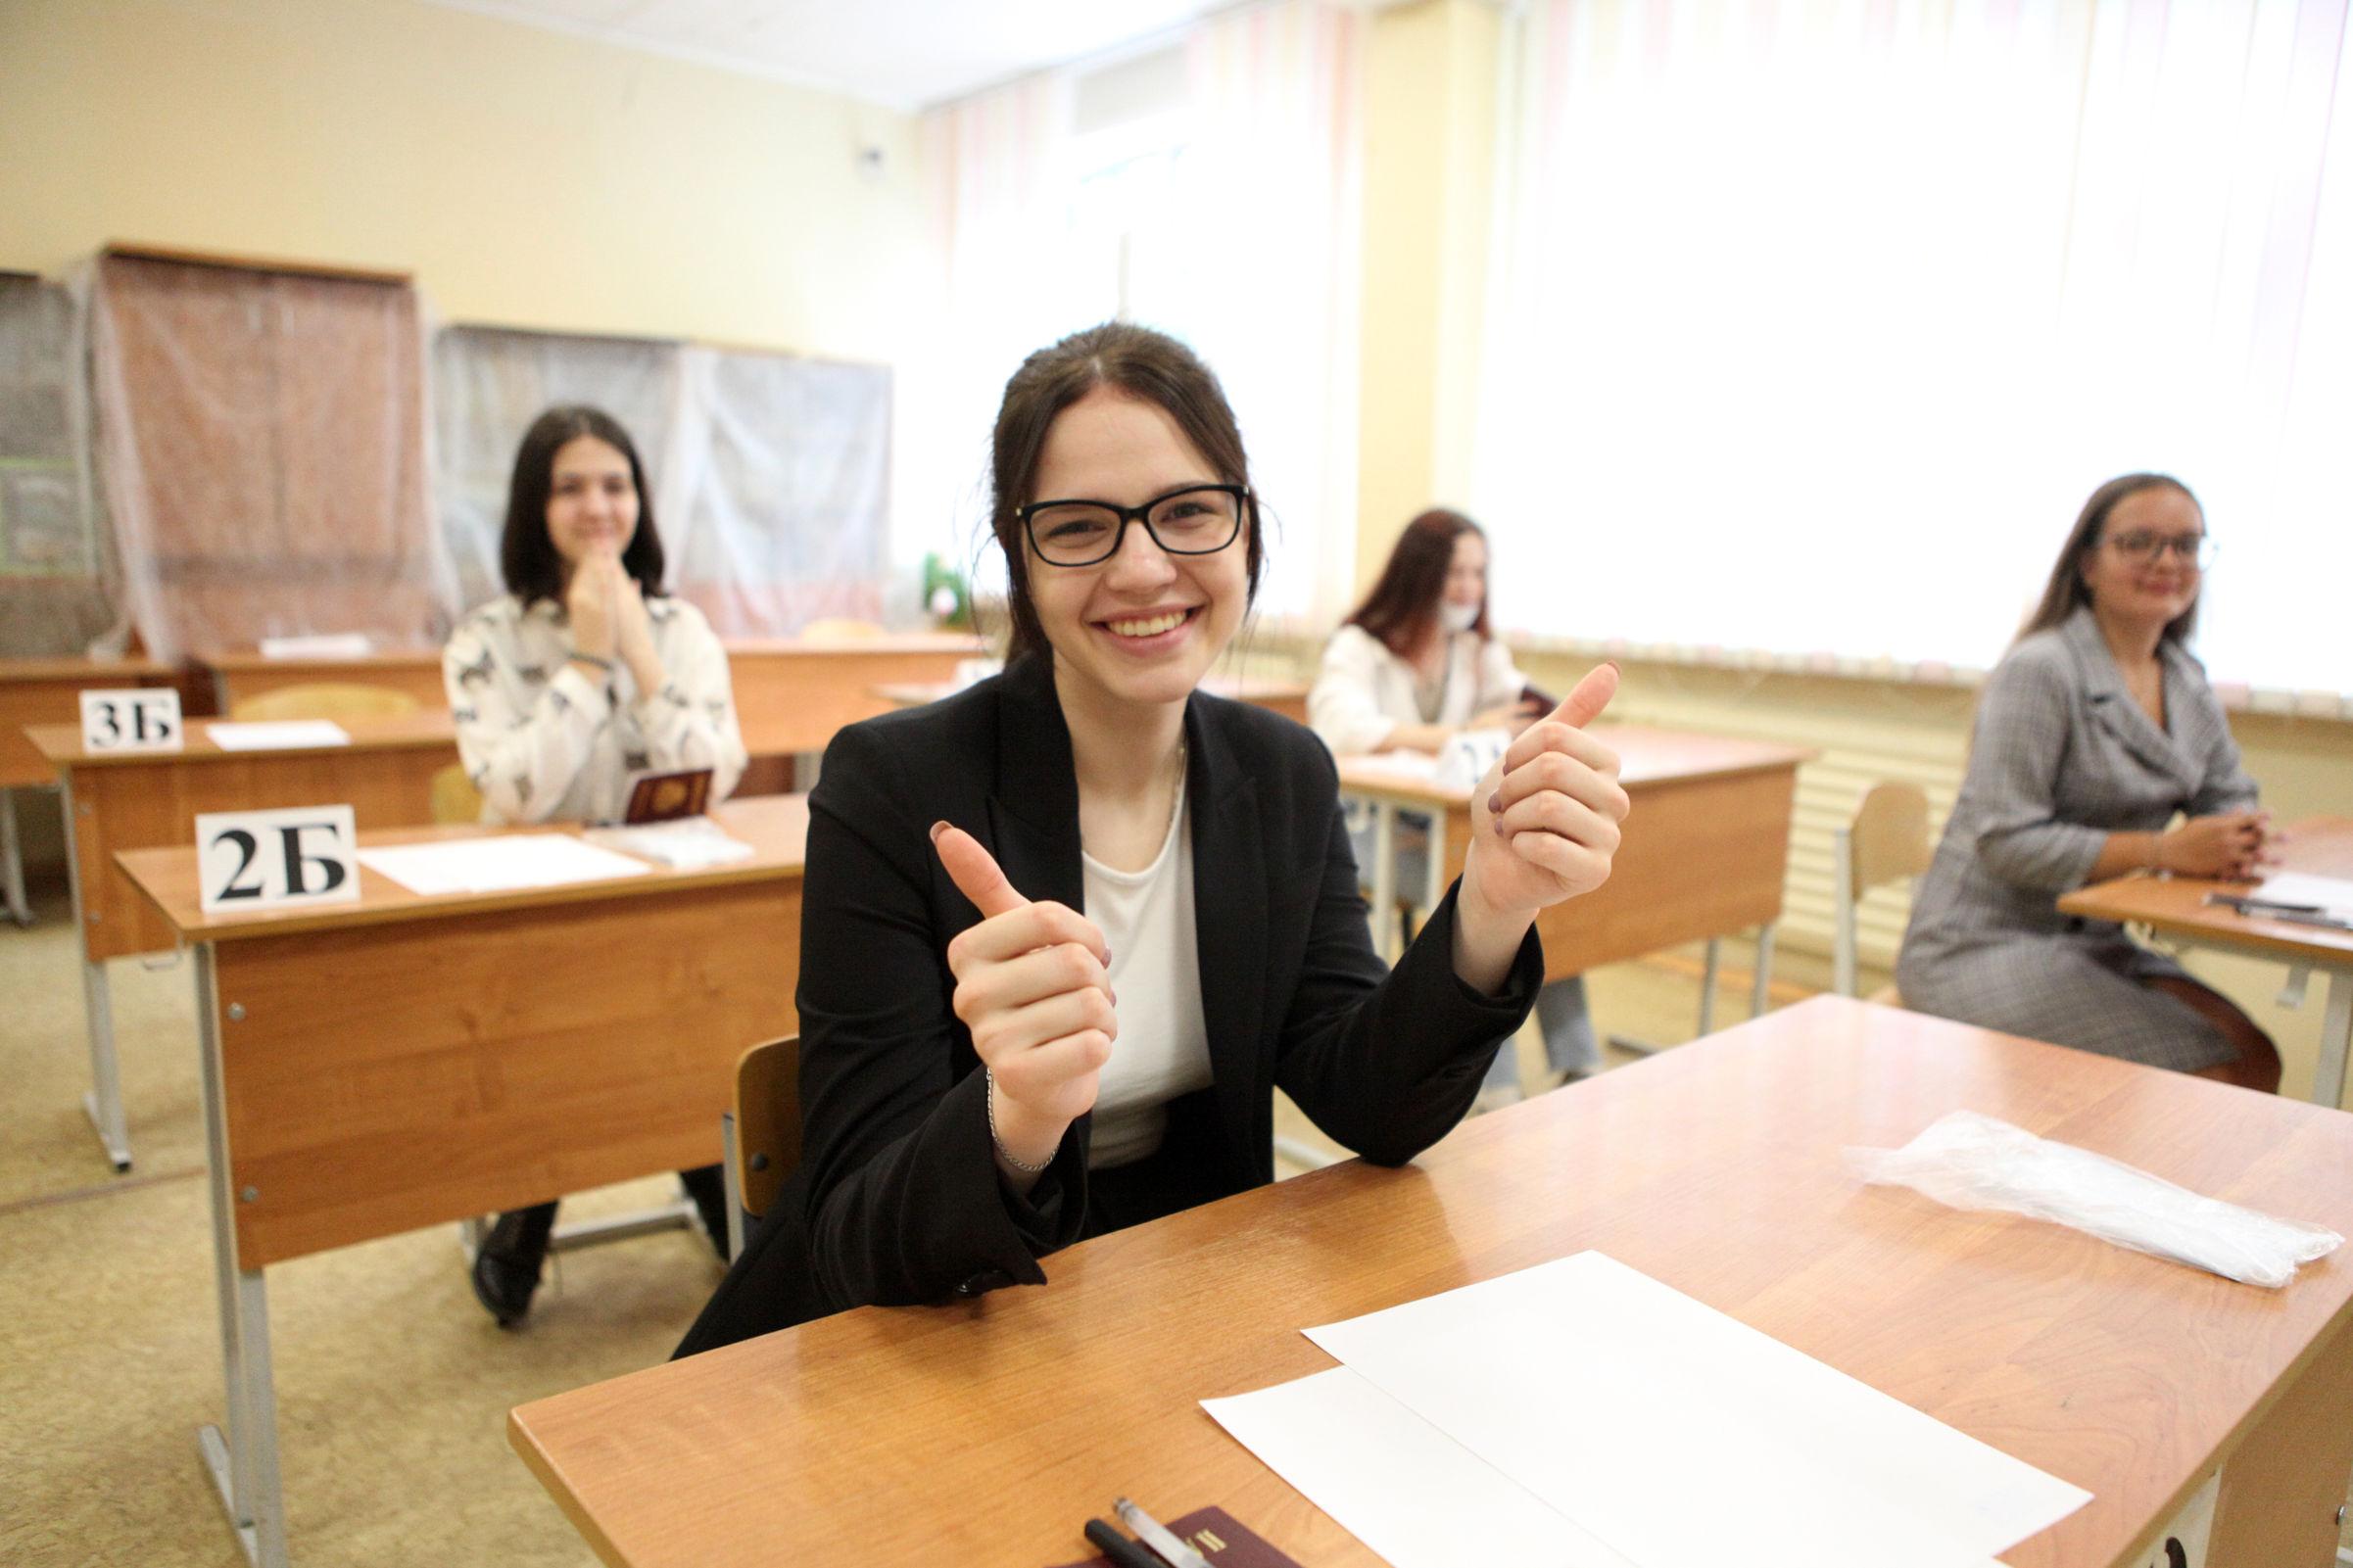 Ярославская область вошла в пятерку лучших регионов РФ по качеству школьного образования